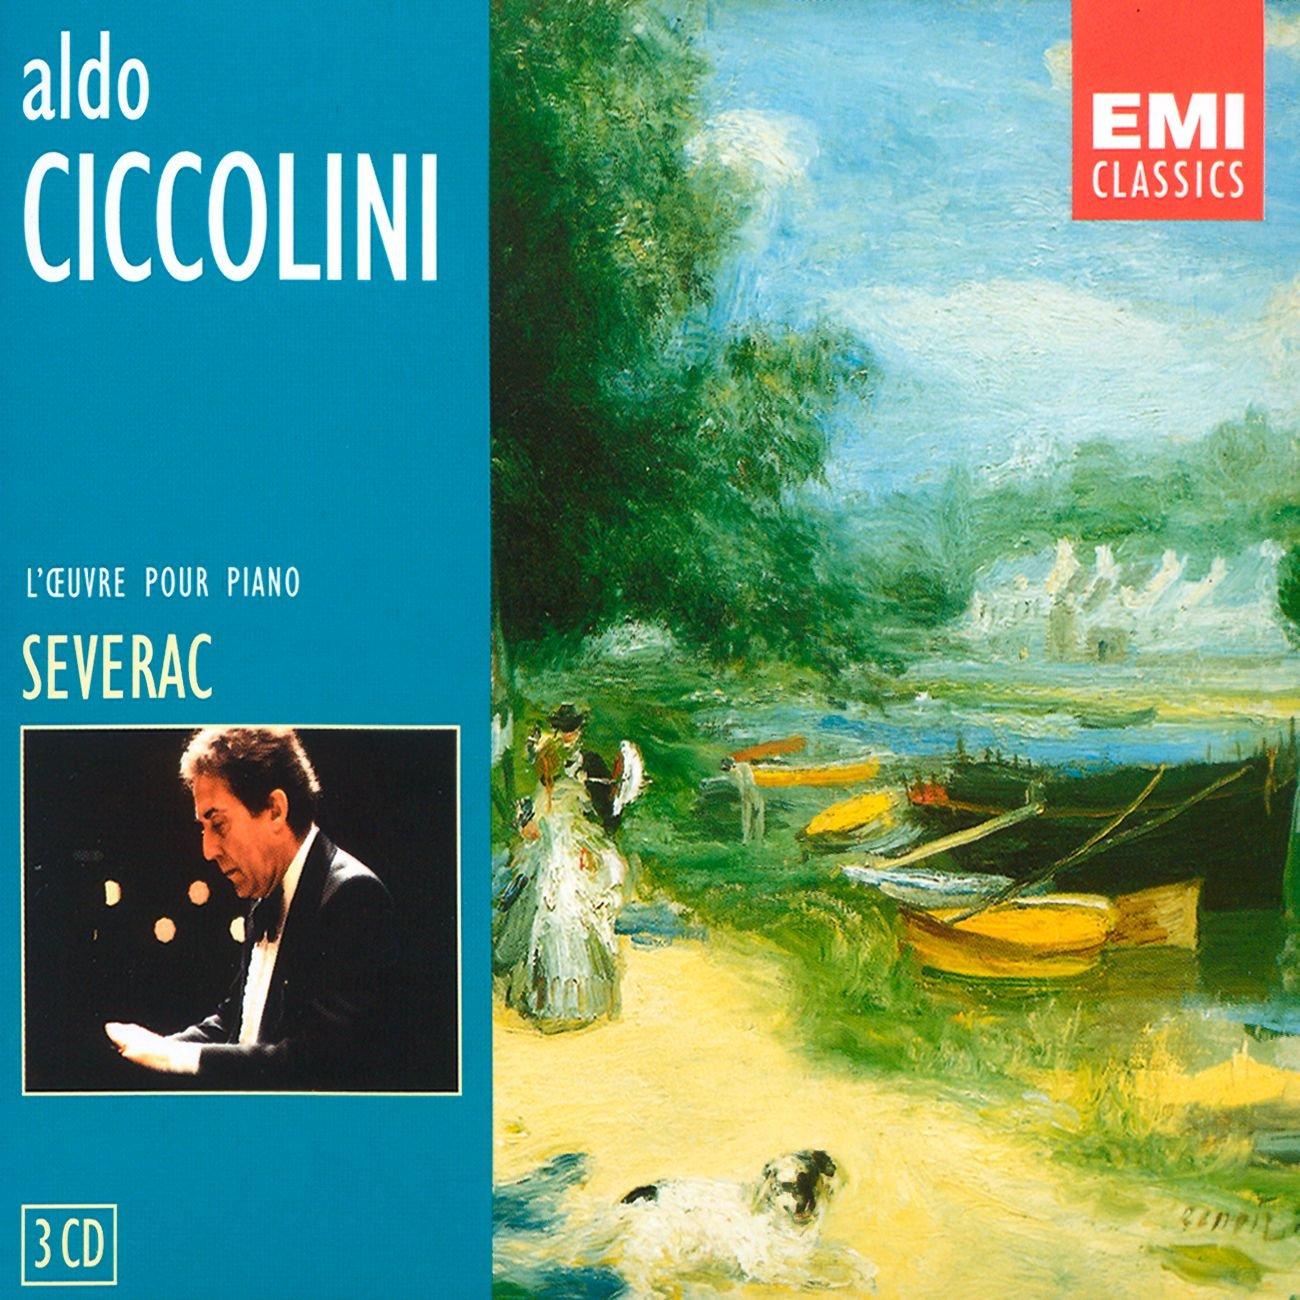 Aldo Ciccolini, Severac - Piano Works - Amazon.com Music